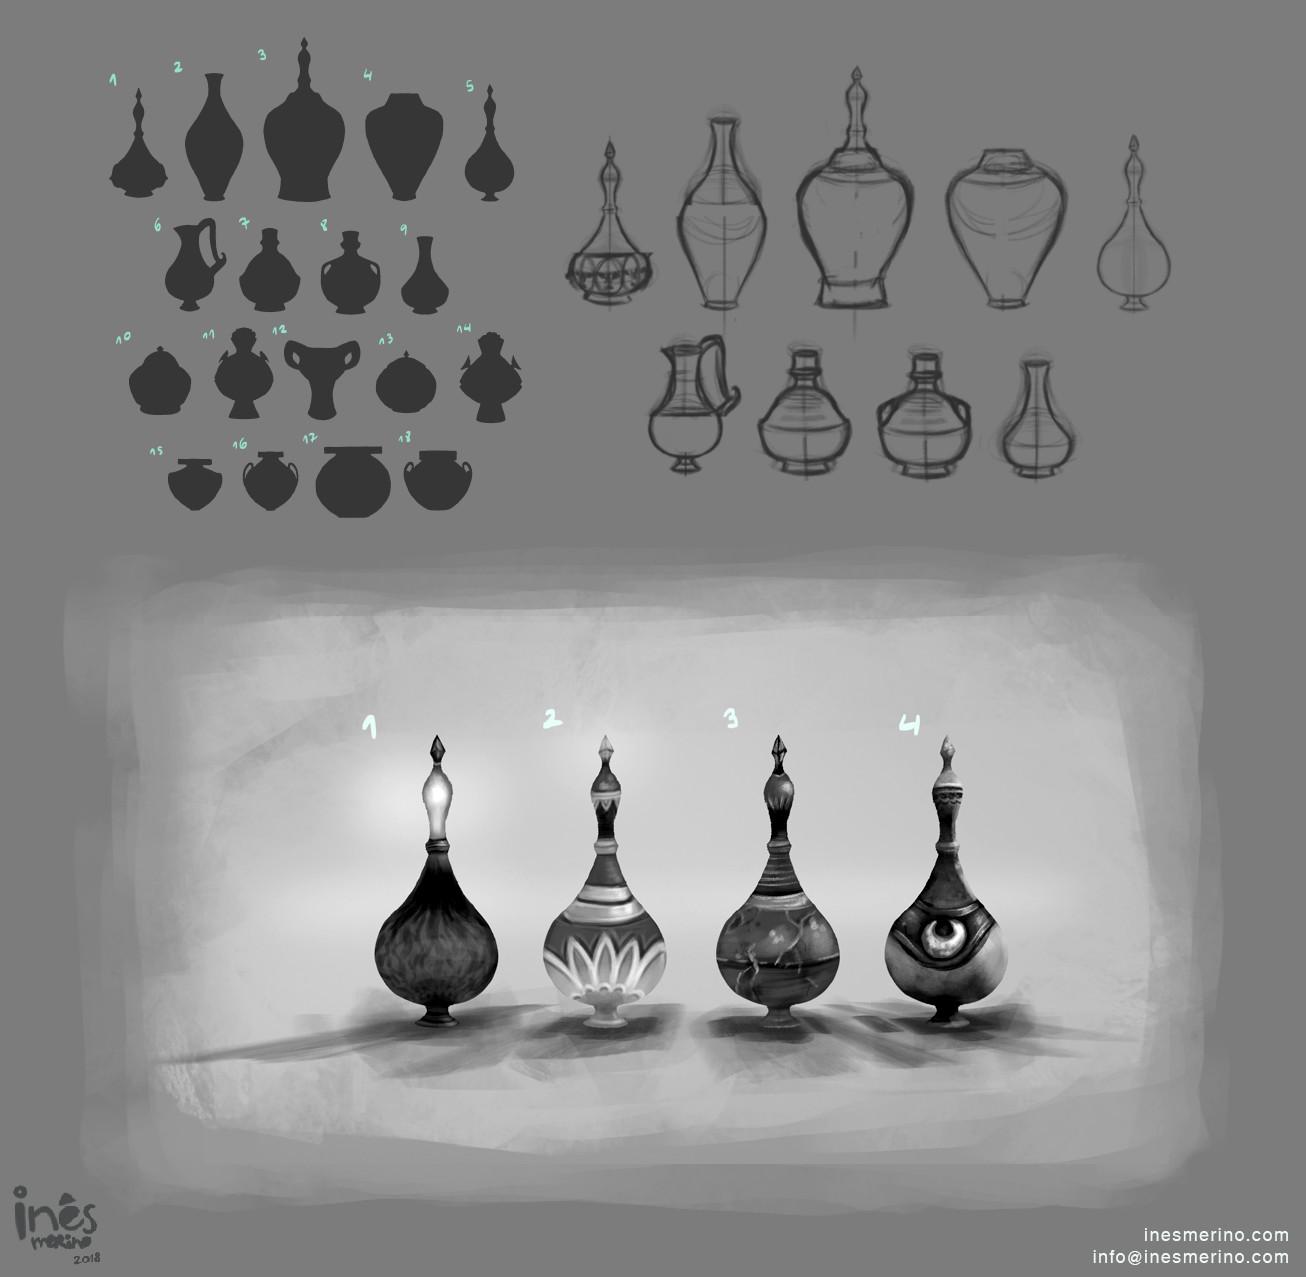 Ines merino 1801 sands vase presnt01 1